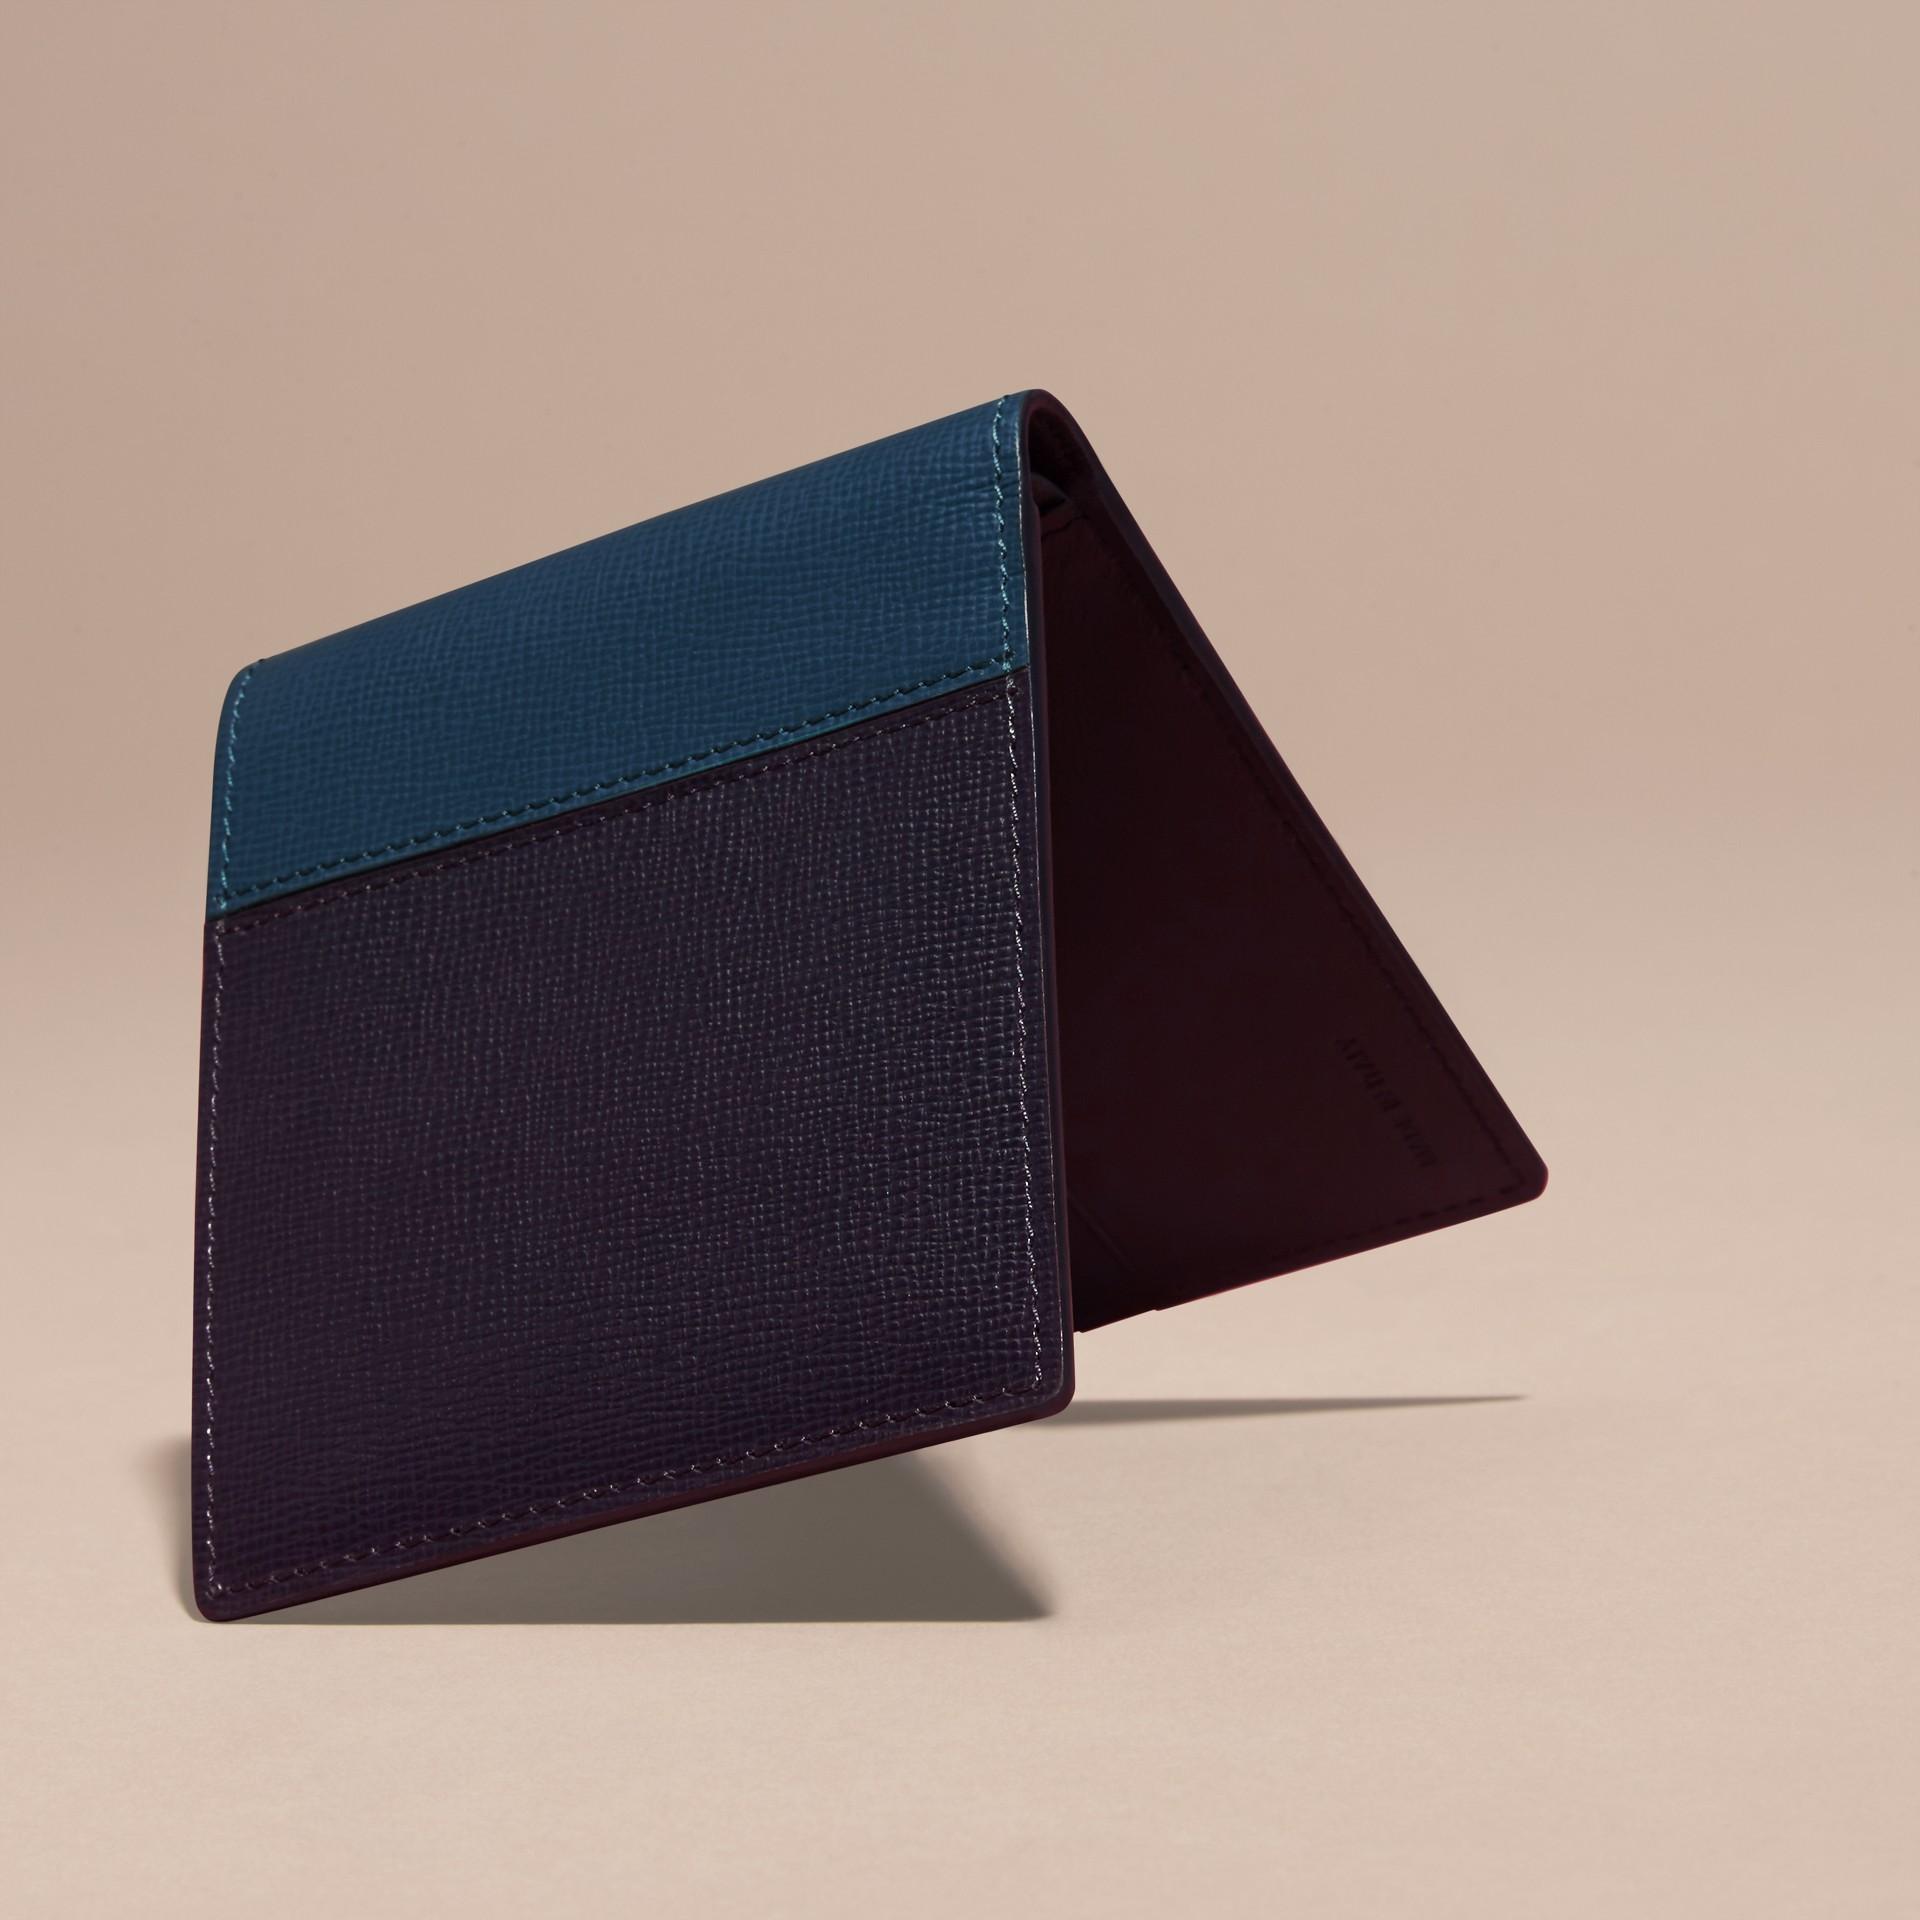 Navy scuro/blu minerale Portafoglio a libro in pelle London con inserti Navy Scuro/blu Minerale - immagine della galleria 4